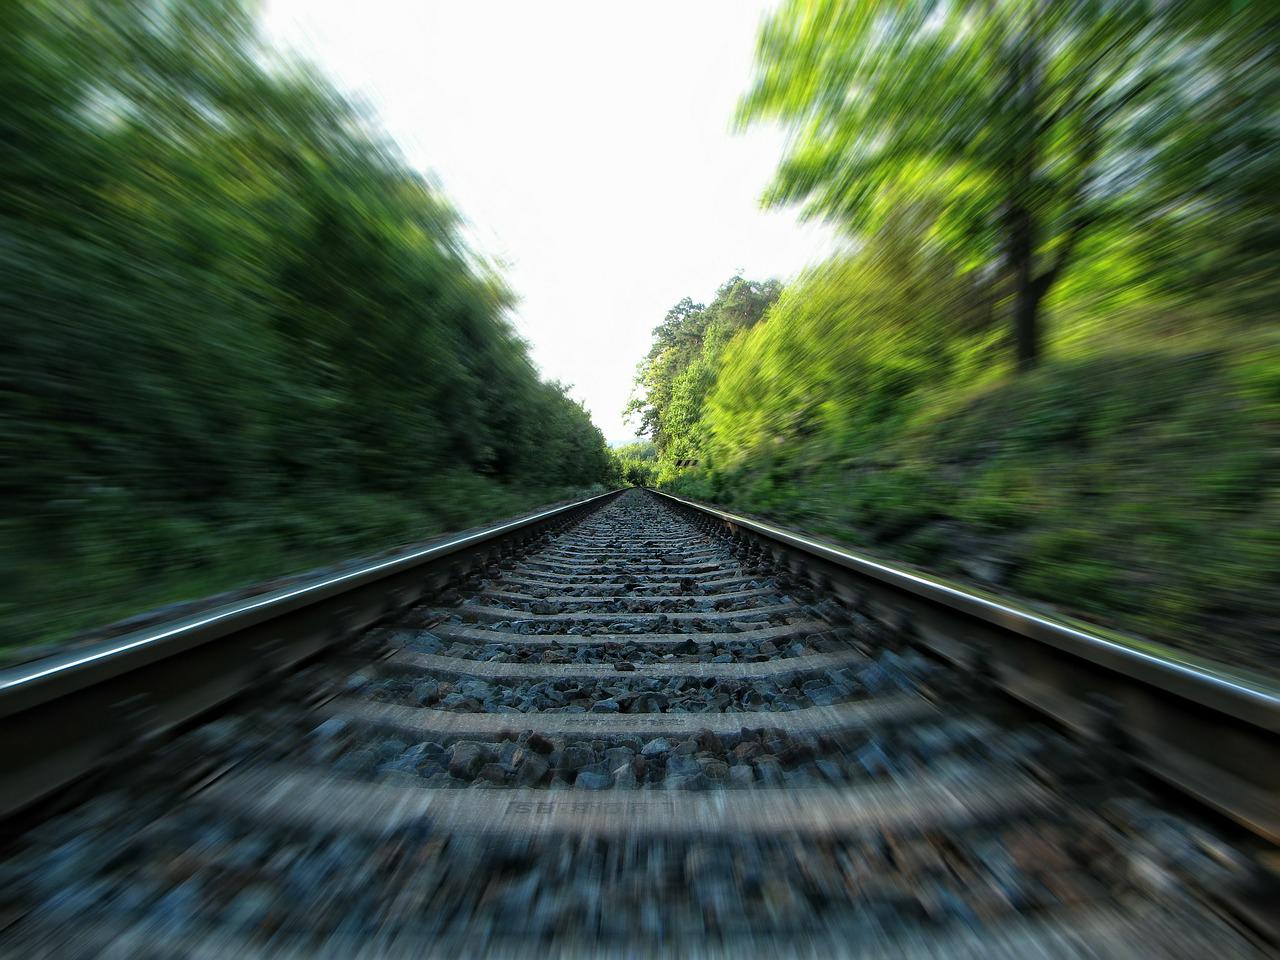 ミャンマーのヤンゴン環状鉄道、2019年に20km→40kmへスピードアップ